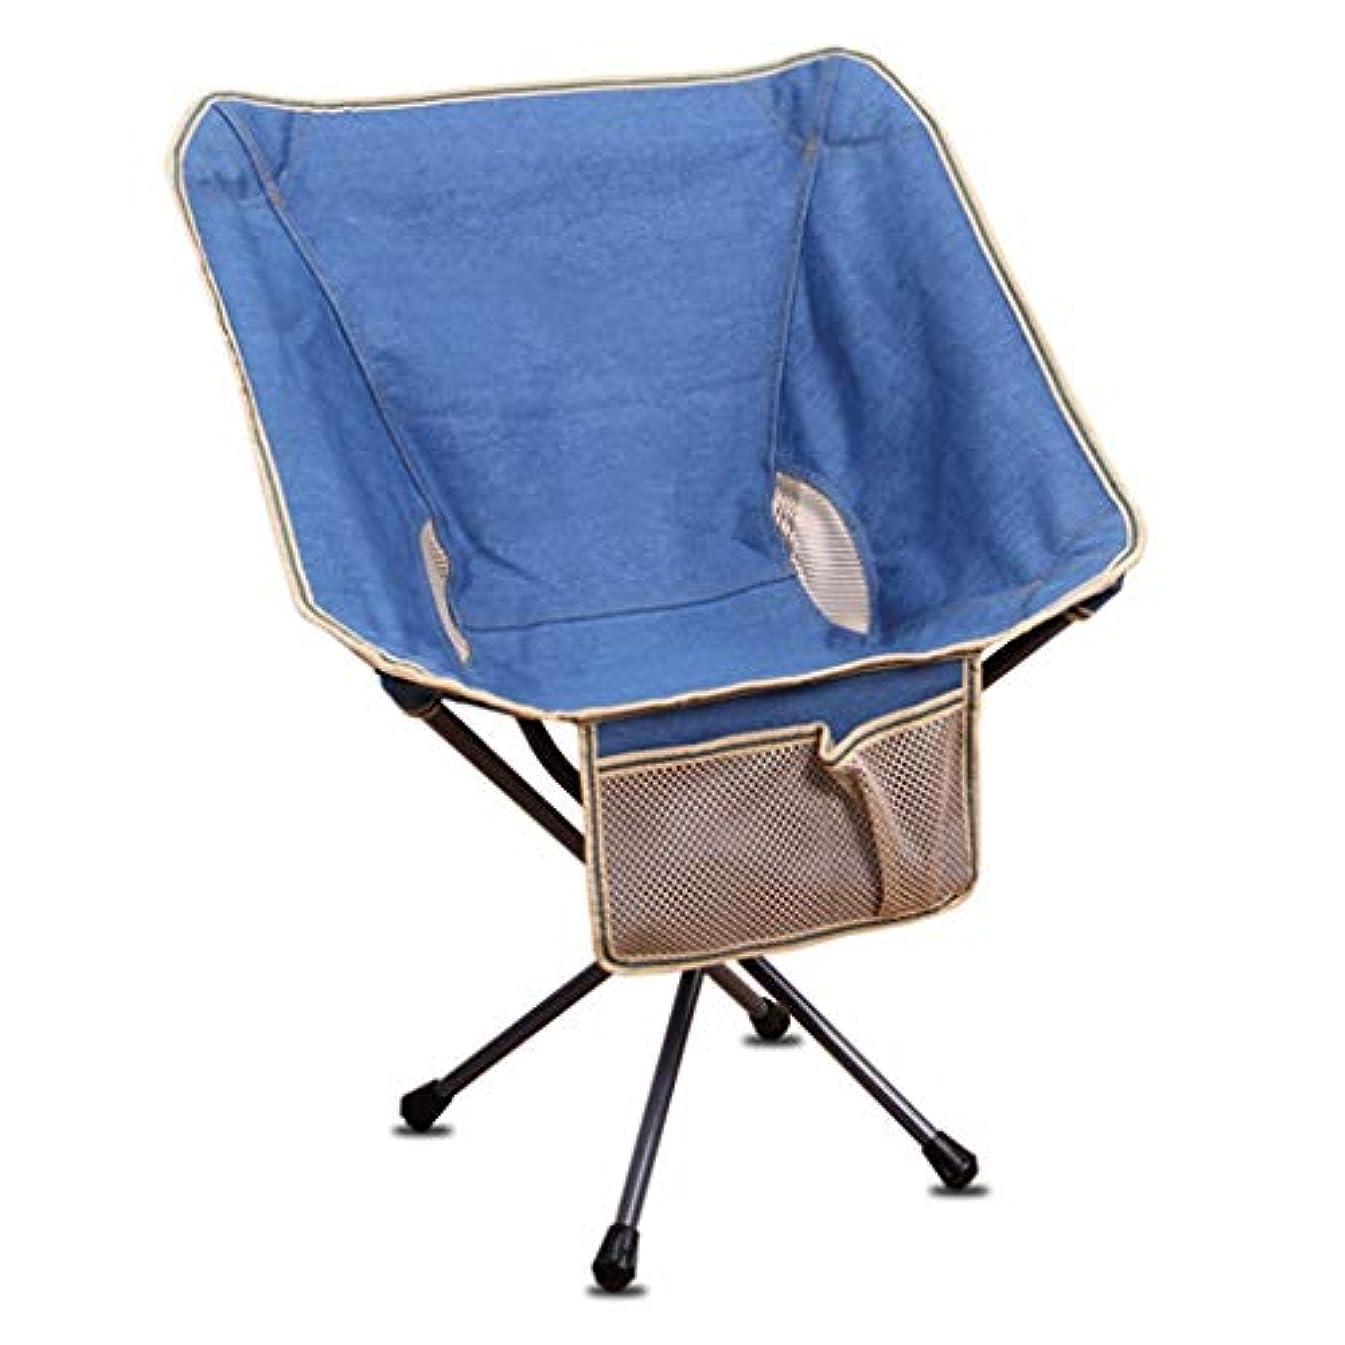 破壊ひねくれたパントリーチェア屋外ポータブル折りたたみ椅子バックパック釣りチェアディレクタースケッチレイジービーチキャンプスポーツチェア (Color : Dark blue)